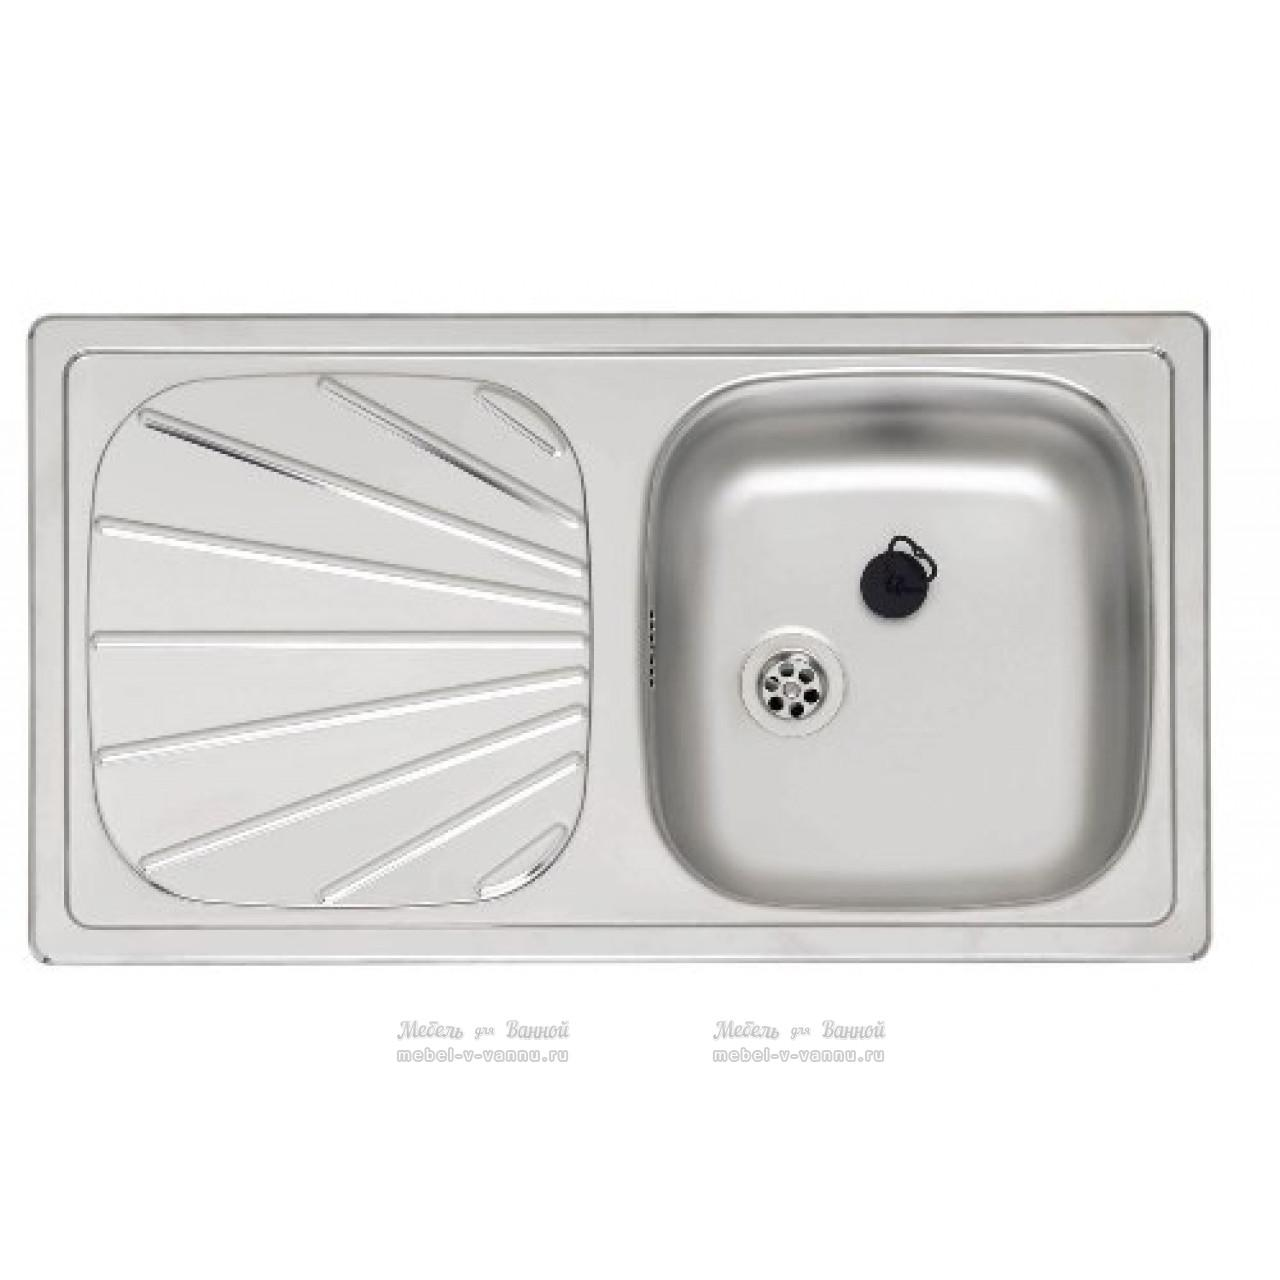 Кухонная мойка Reginox Beta 10 LINEN 780x430 OSP купить в Москве по цене от 6890р. в интернет-магазине mebel-v-vannu.ru